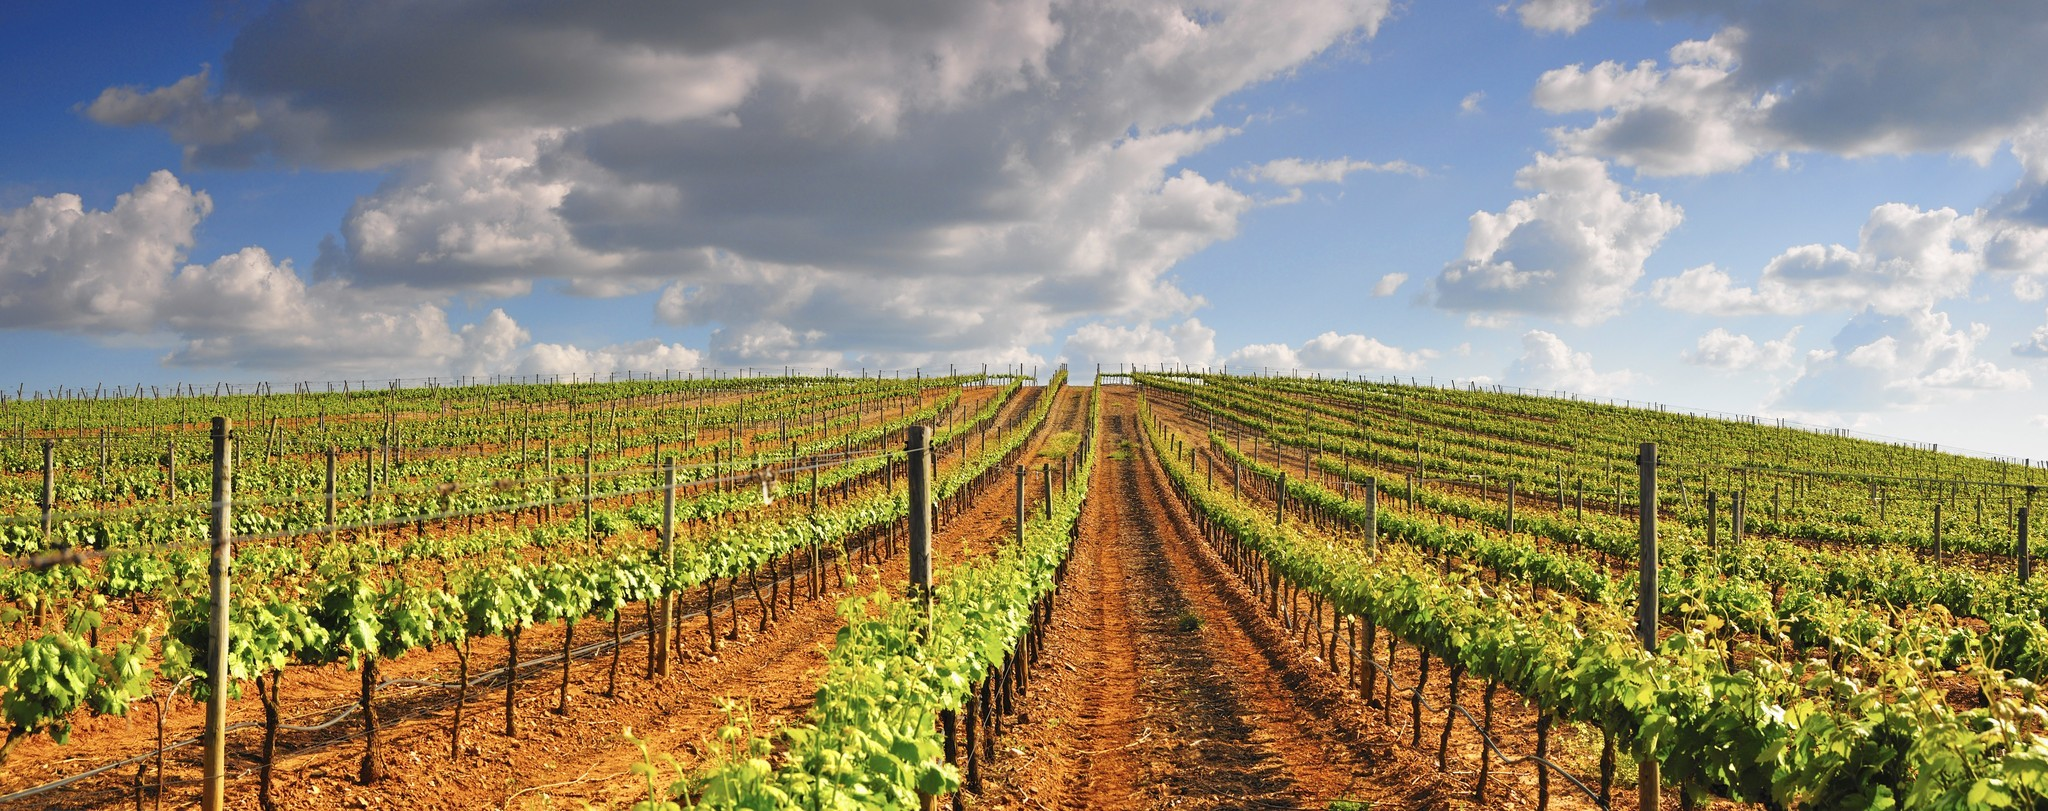 ct-wine-portugal-food-0520-20160518